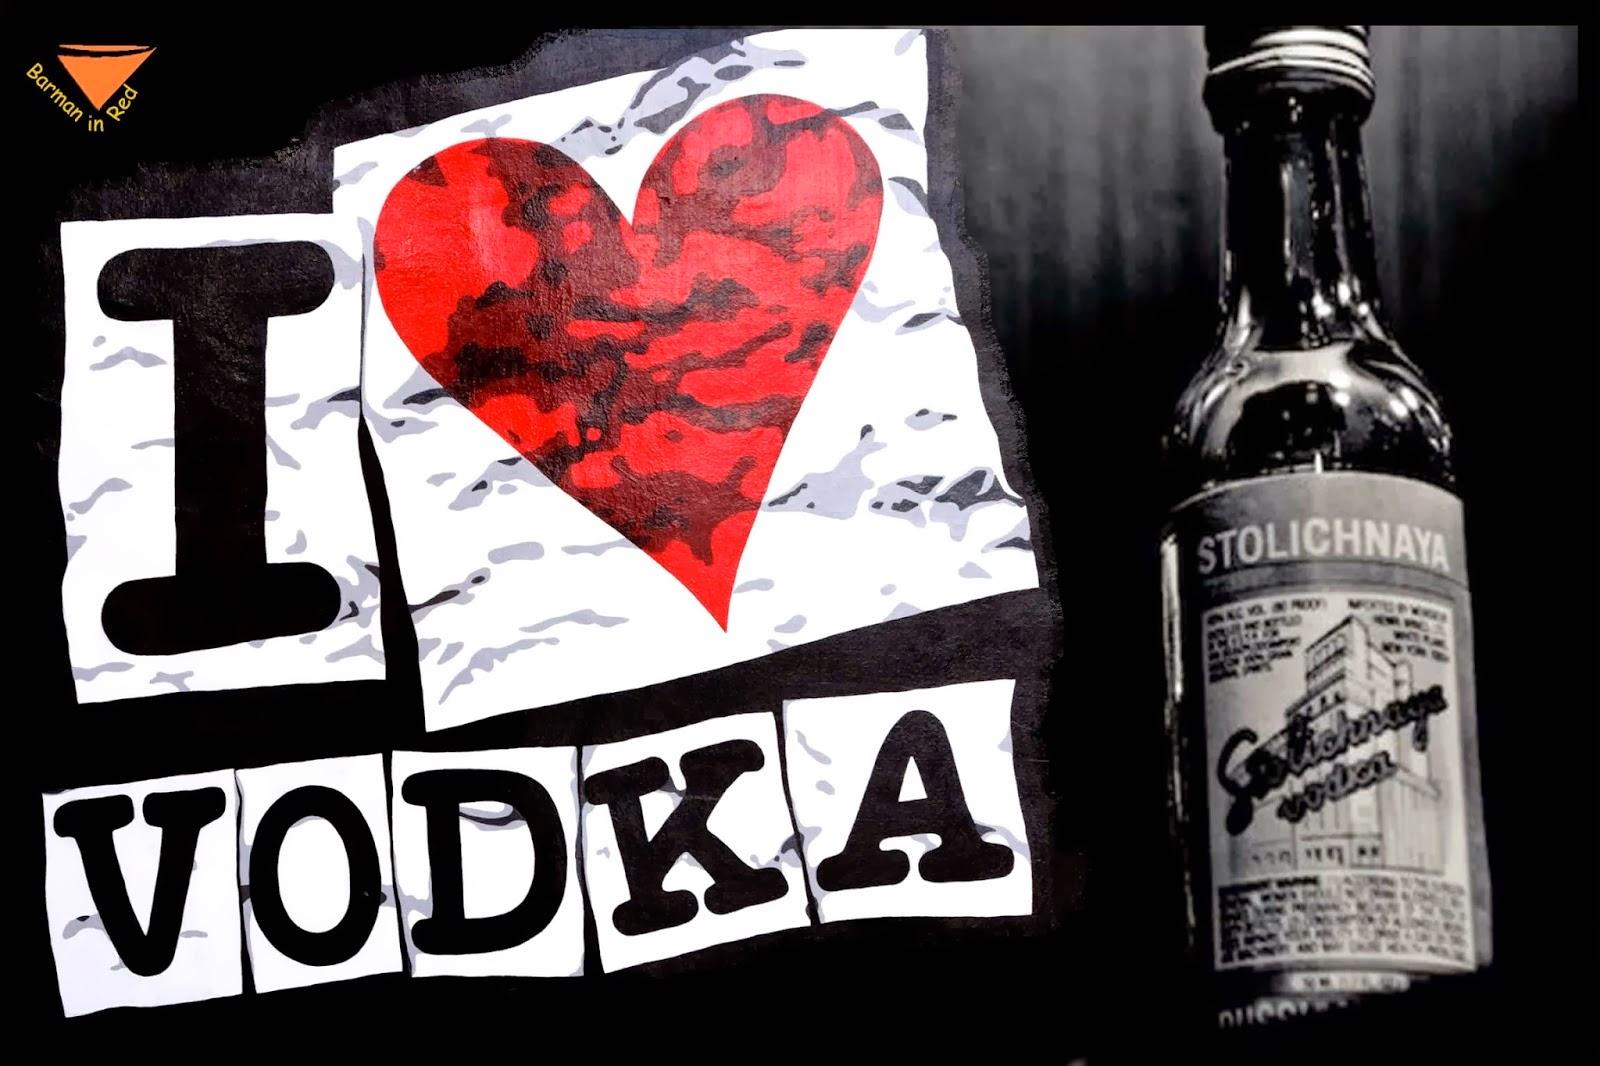 vodka y consumo